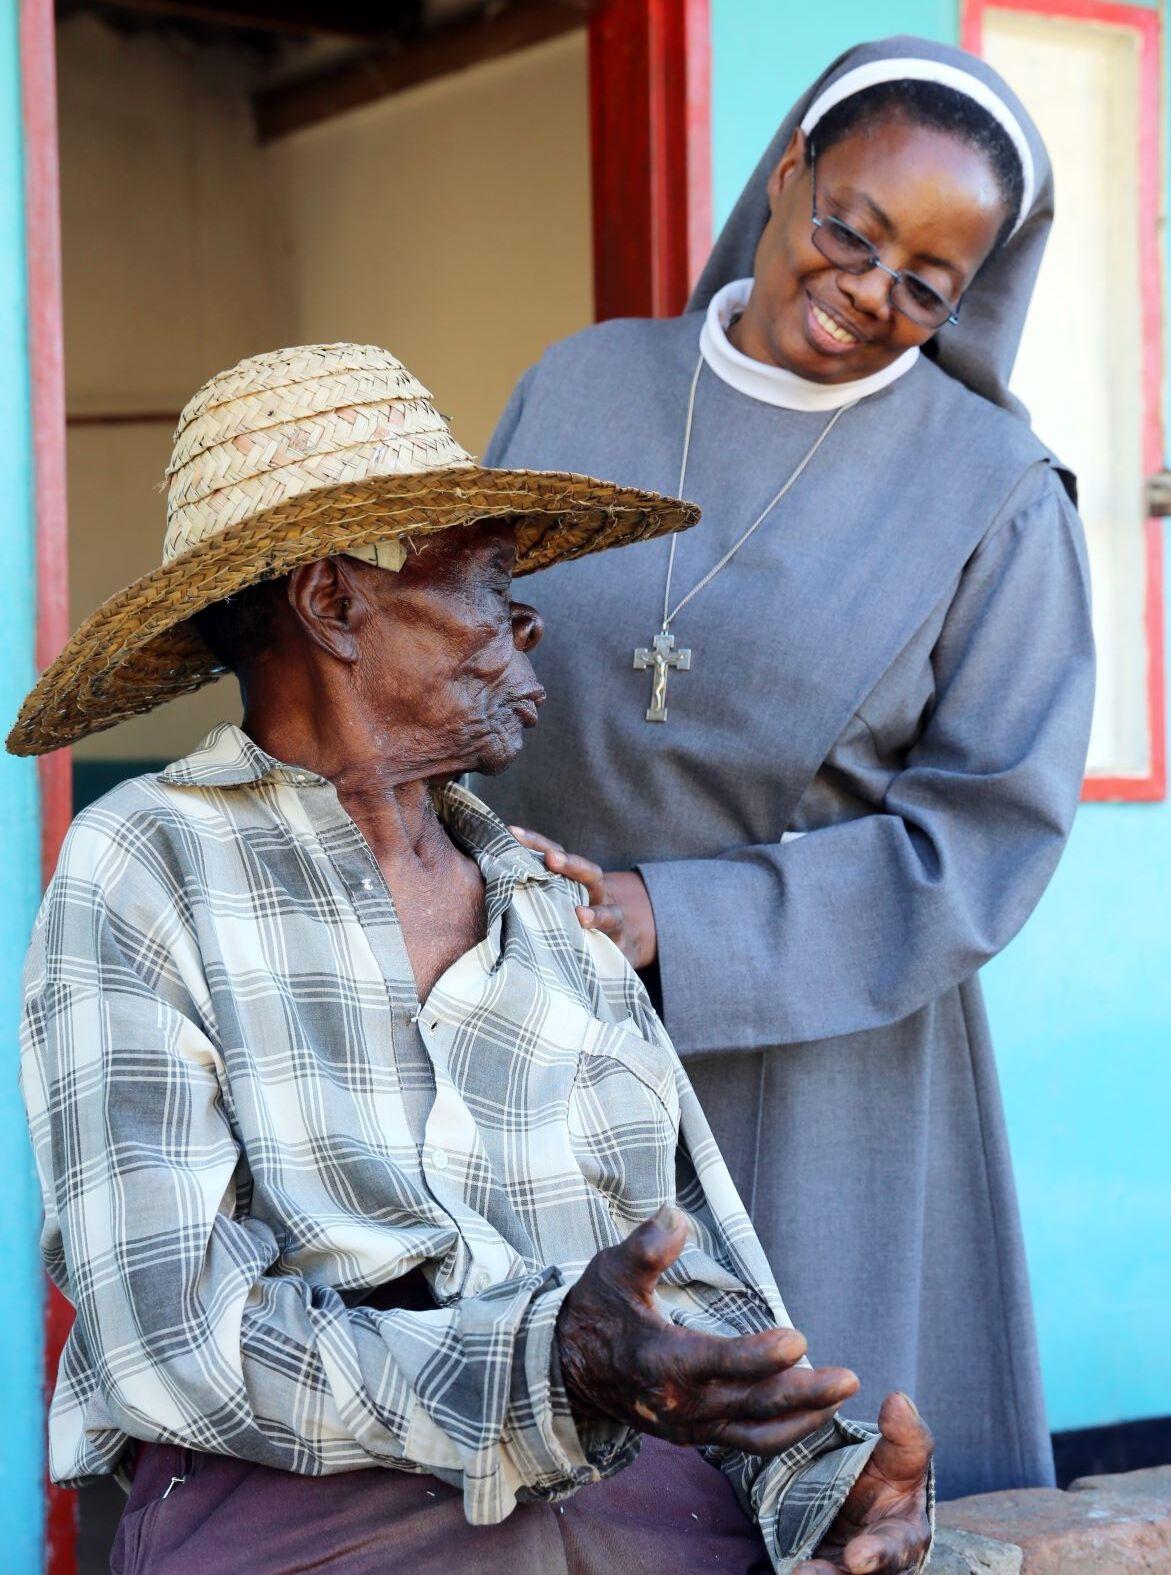 Ordensfrau spricht mit einem Leprapatient in Sambia